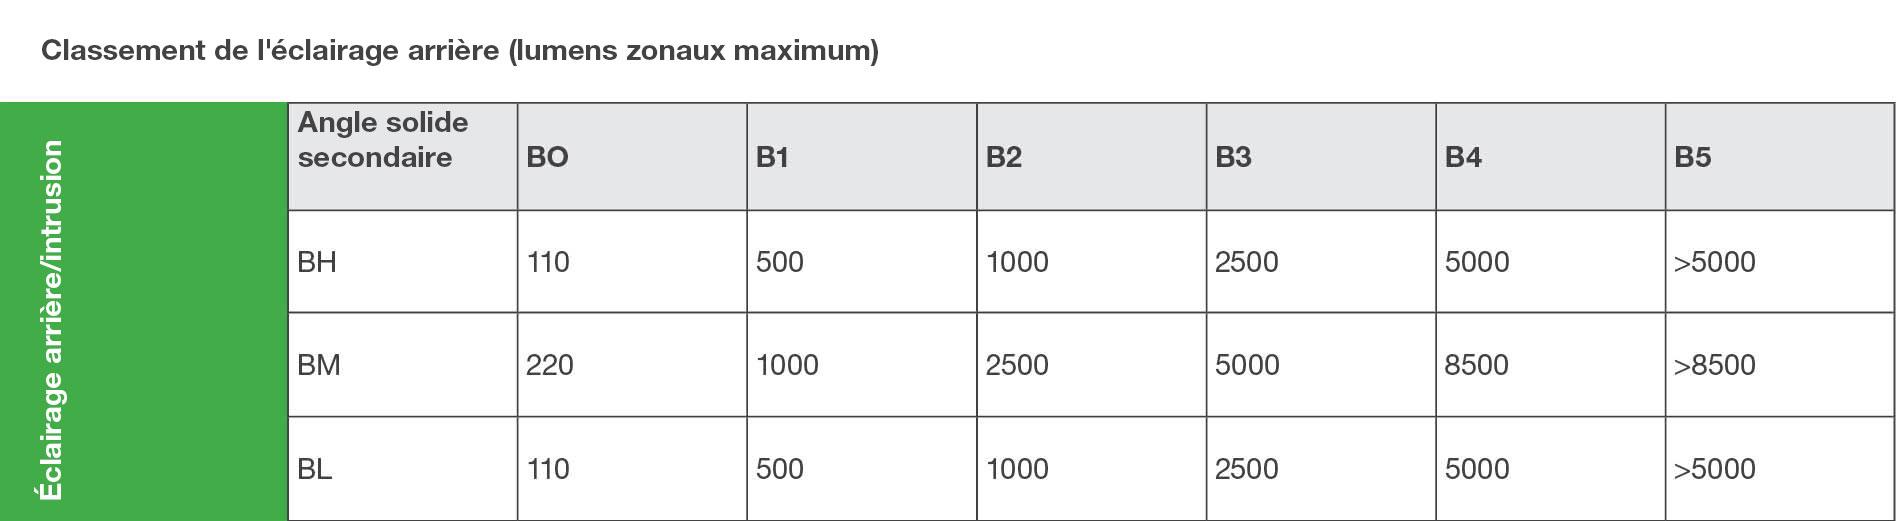 Tableau de classement de l'éclairage arrière